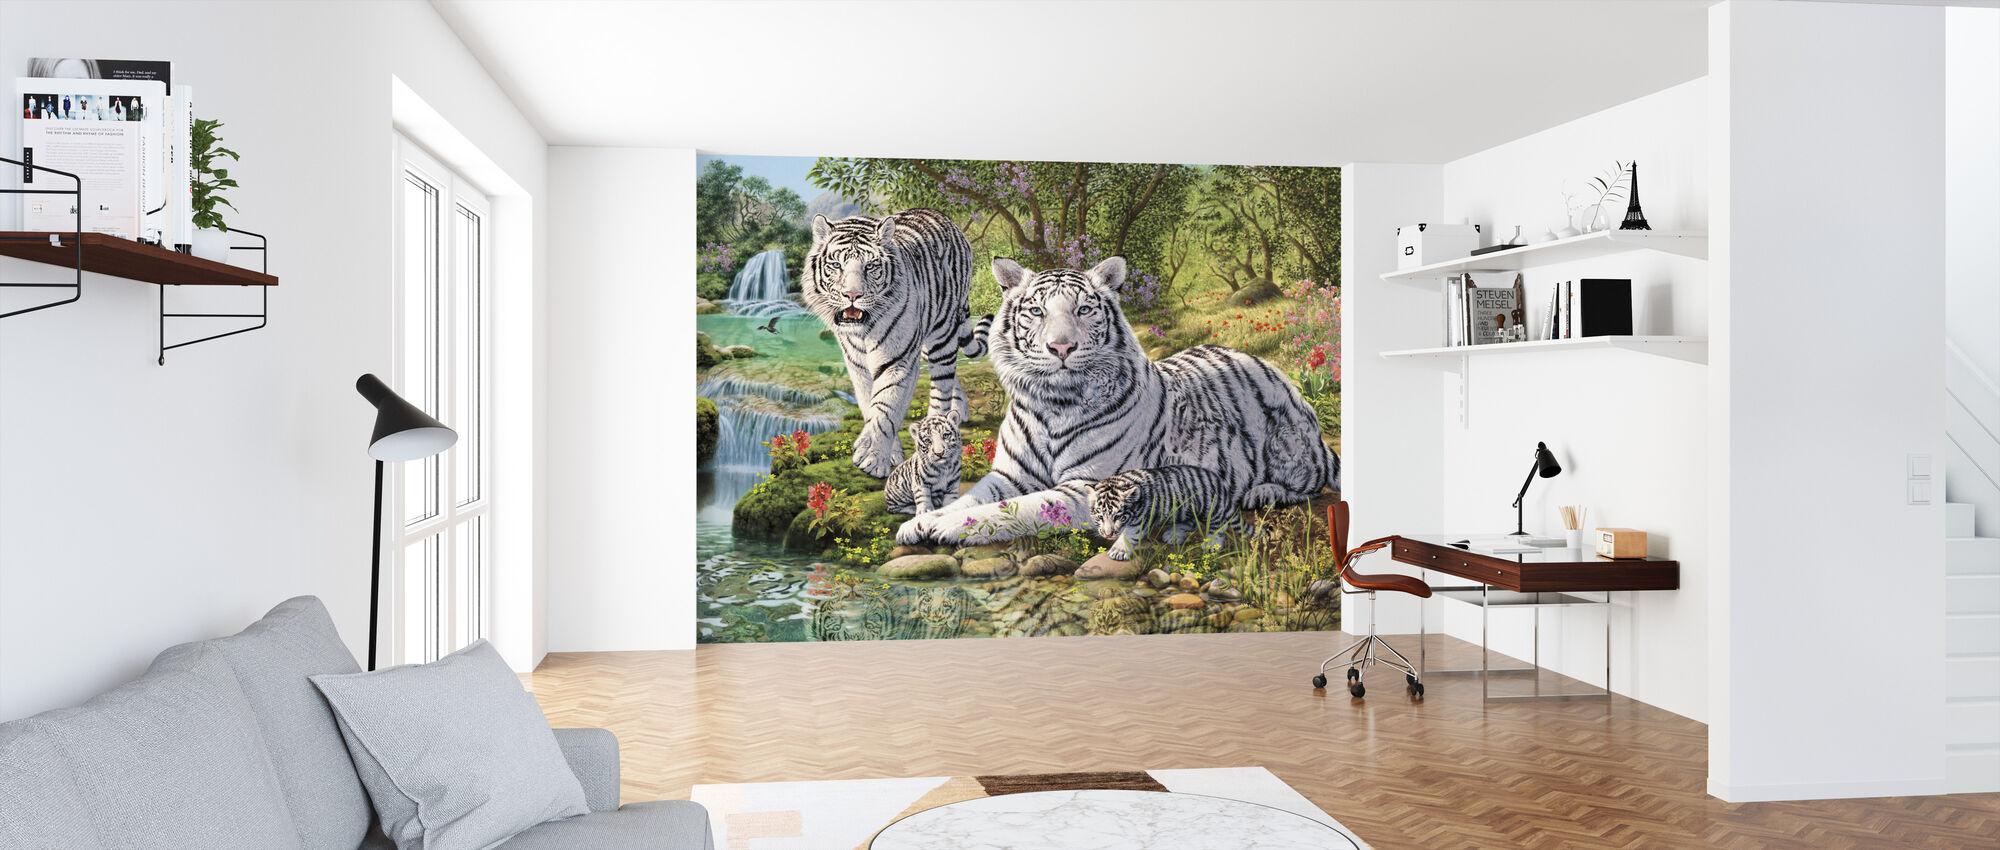 Valkoinen Tiikeri klaani - Tapetti - Toimisto